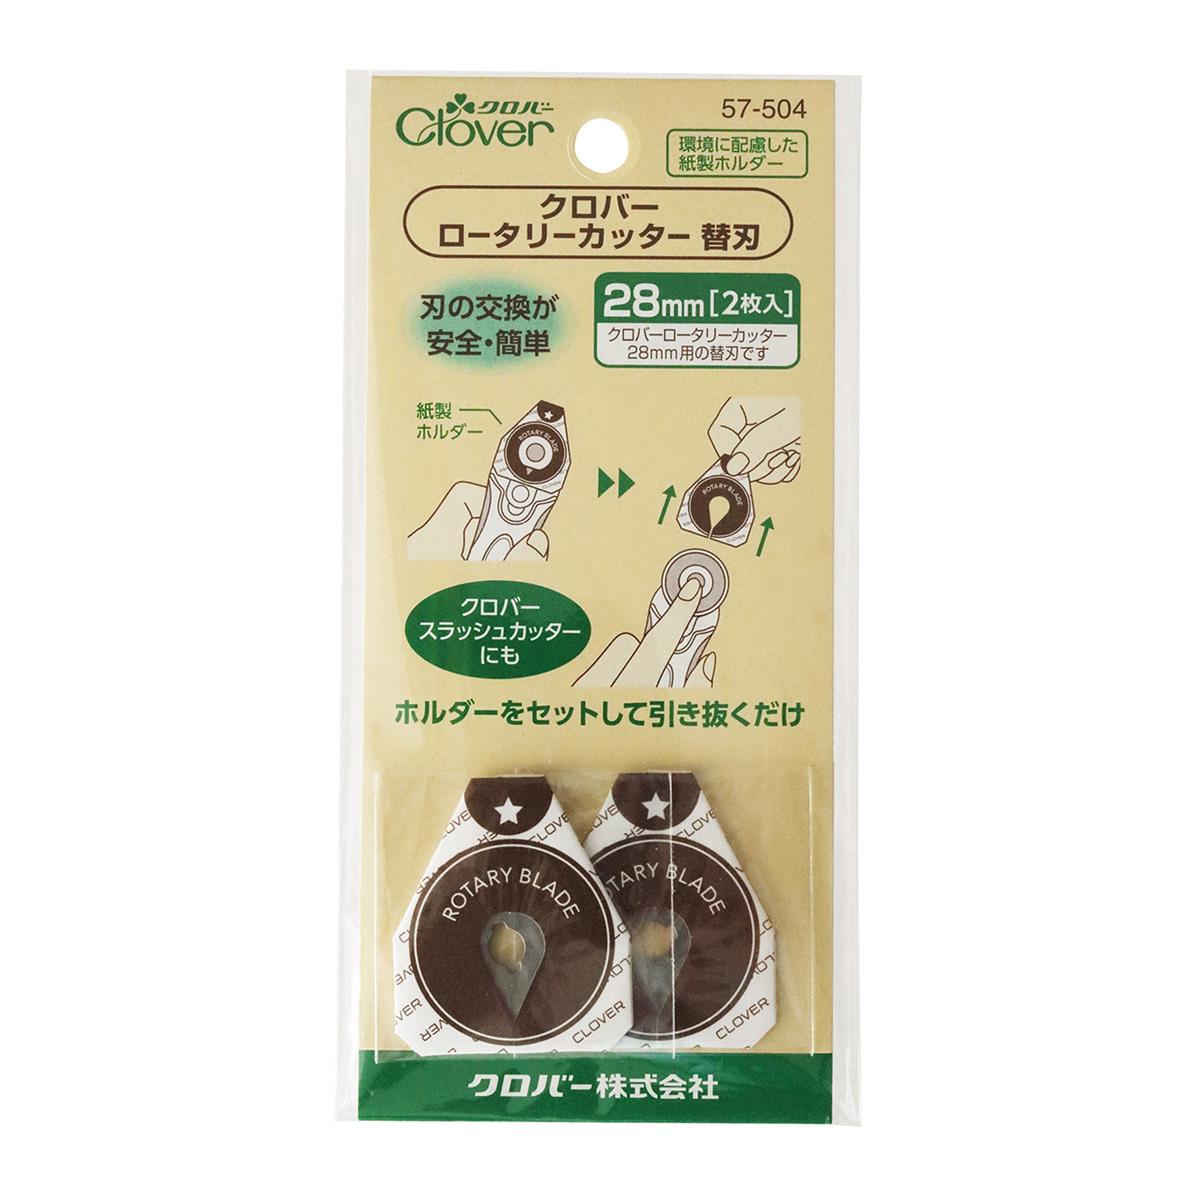 ロータリーカッター替刃28mm 57504 クロバー 手芸 裁縫 ソーイング用品 洋裁 ハンドクラフト